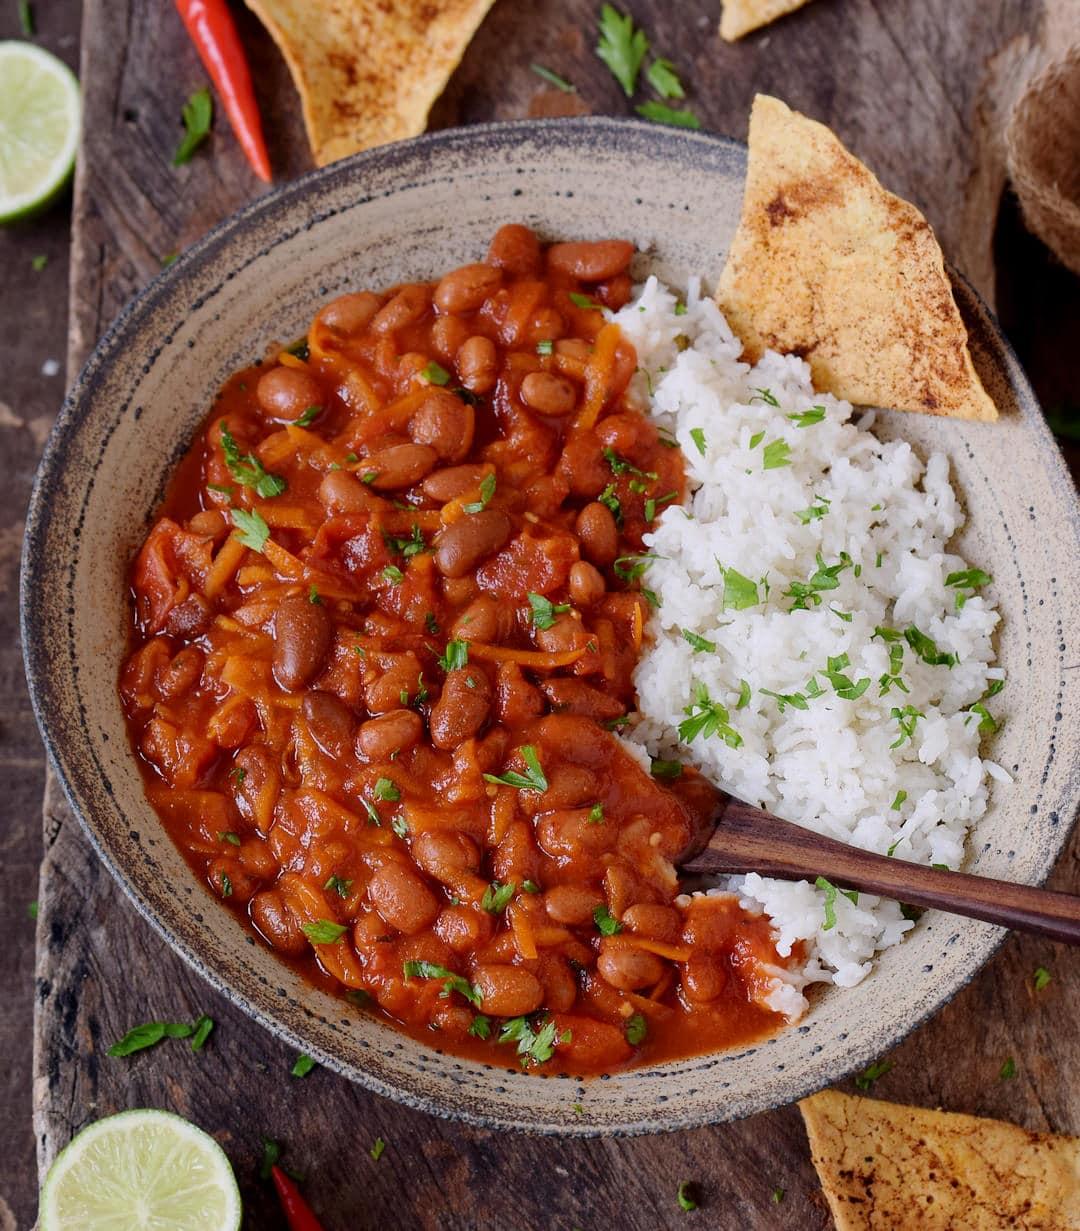 Gesundes veganes Abendessen mit Bohnen, Reis und Tortilla Chips